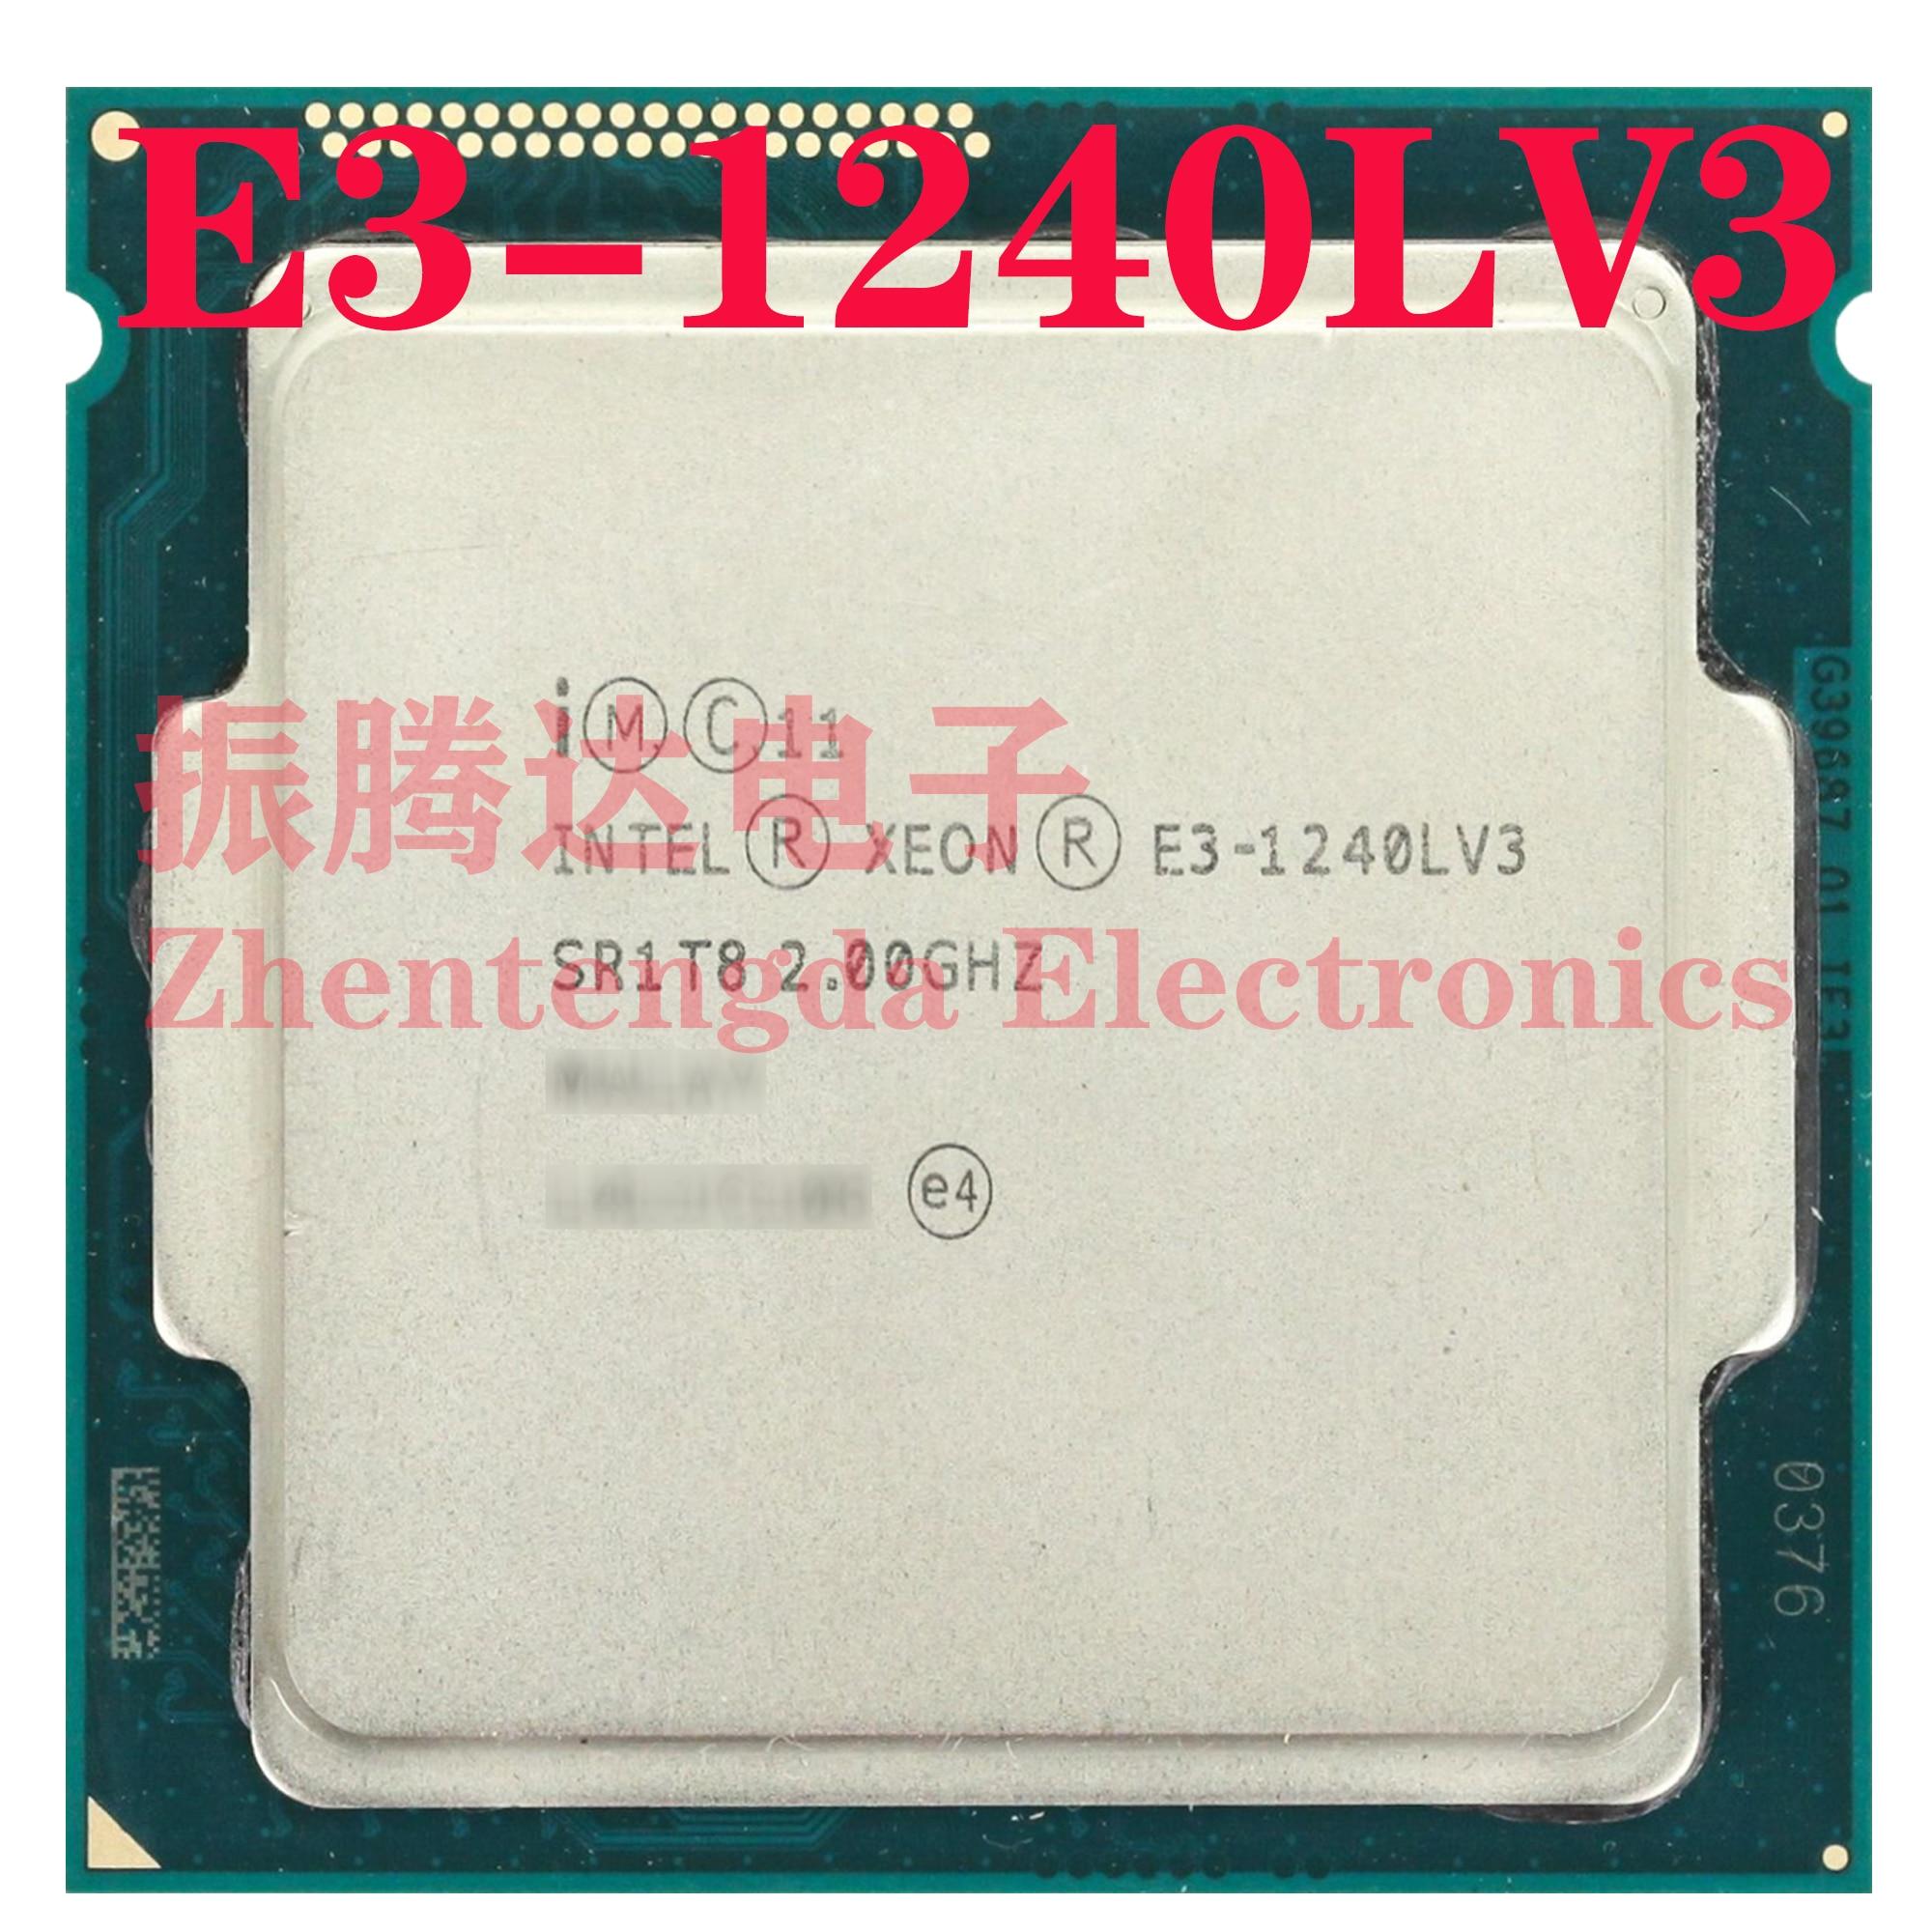 Intel Xeon E3-1240L v3 2GHz 8MB 4 Core 8 Thread LGA 1150 E3-1240Lv3 CPU Processor